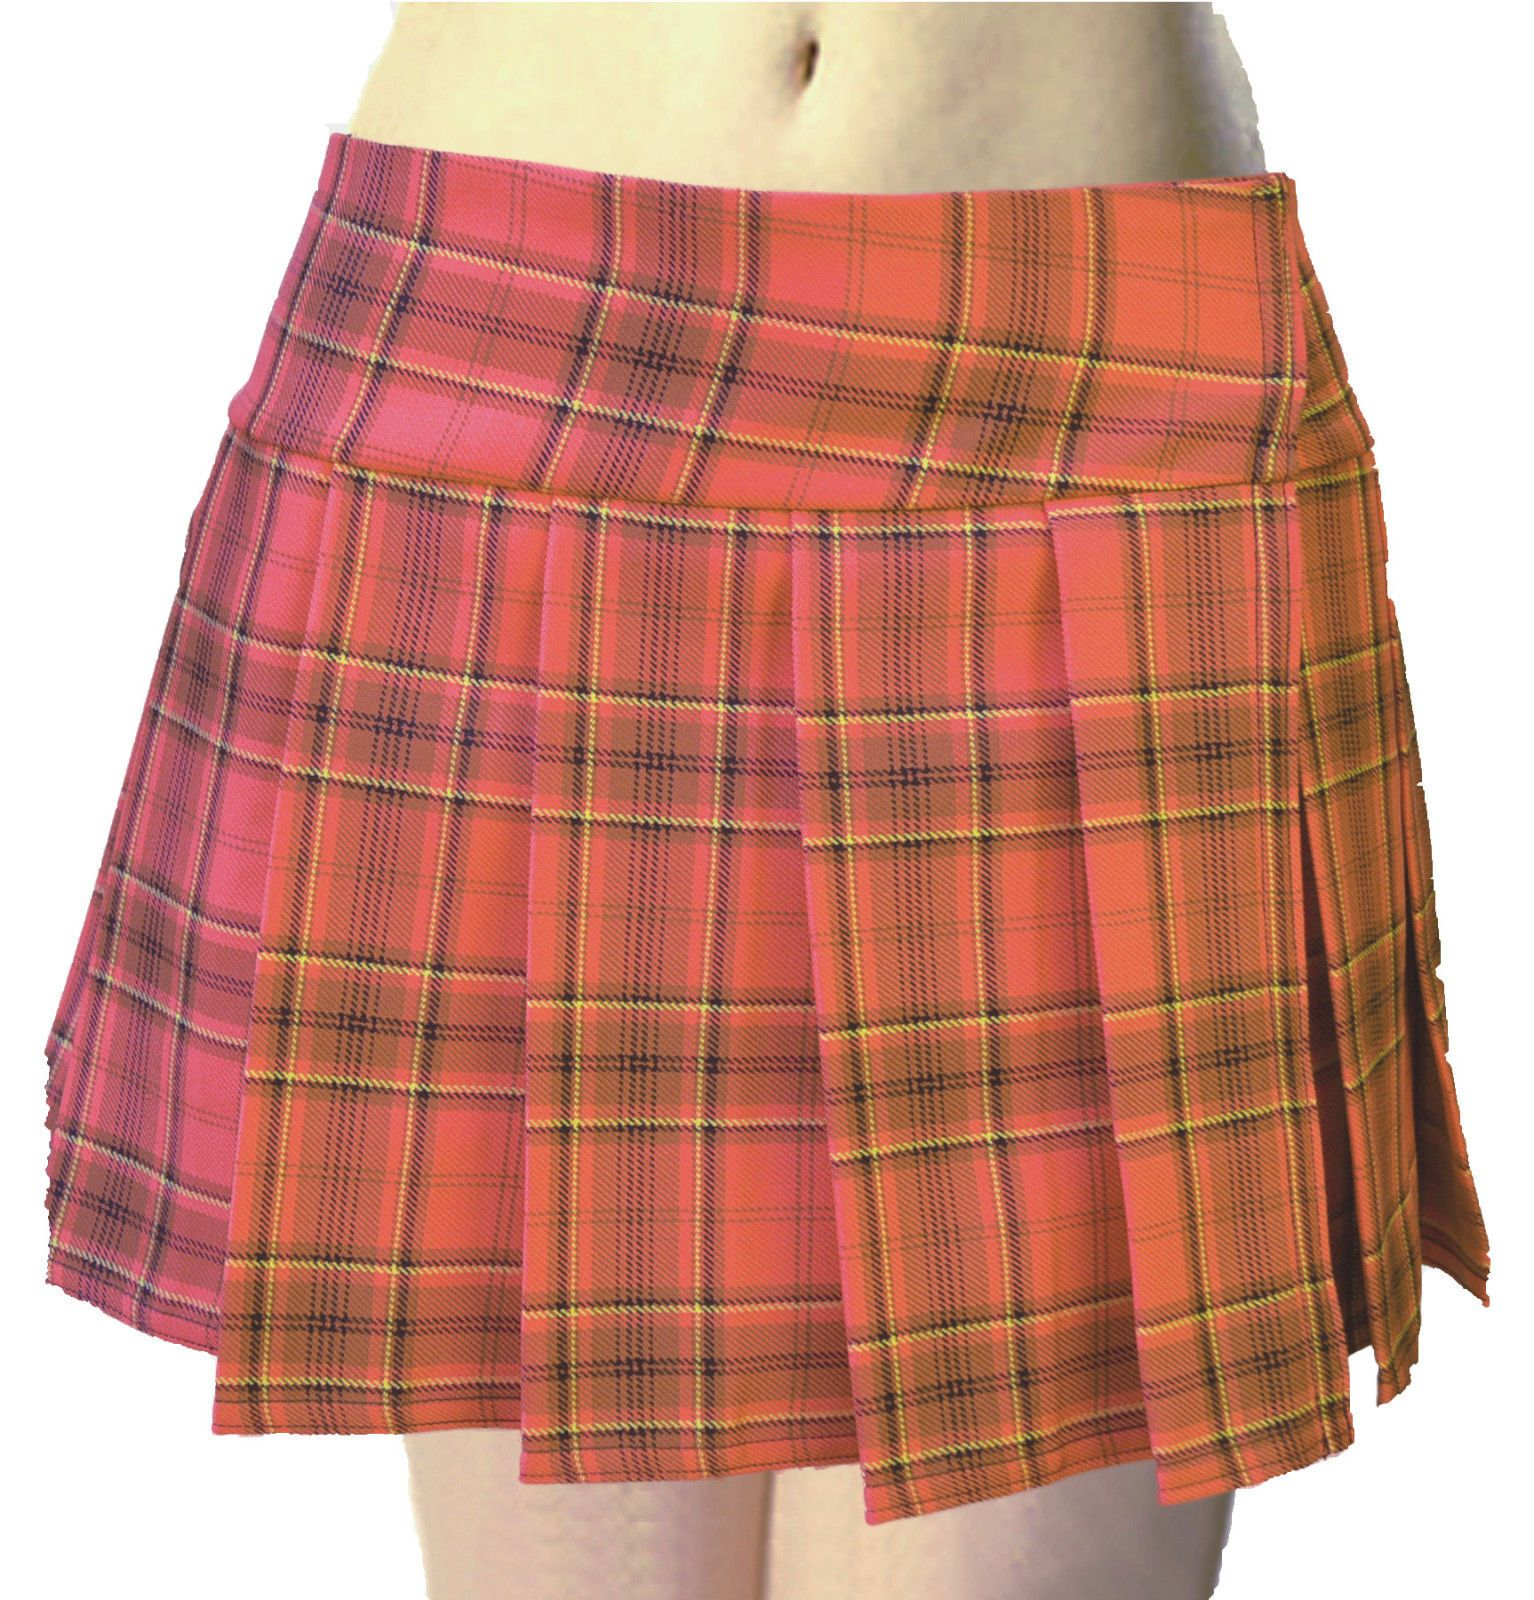 86307a795 Plus Size Orange Schoolgirl Plaid Tartan Pleated Mini Skirt (Orange Plus- Mini)